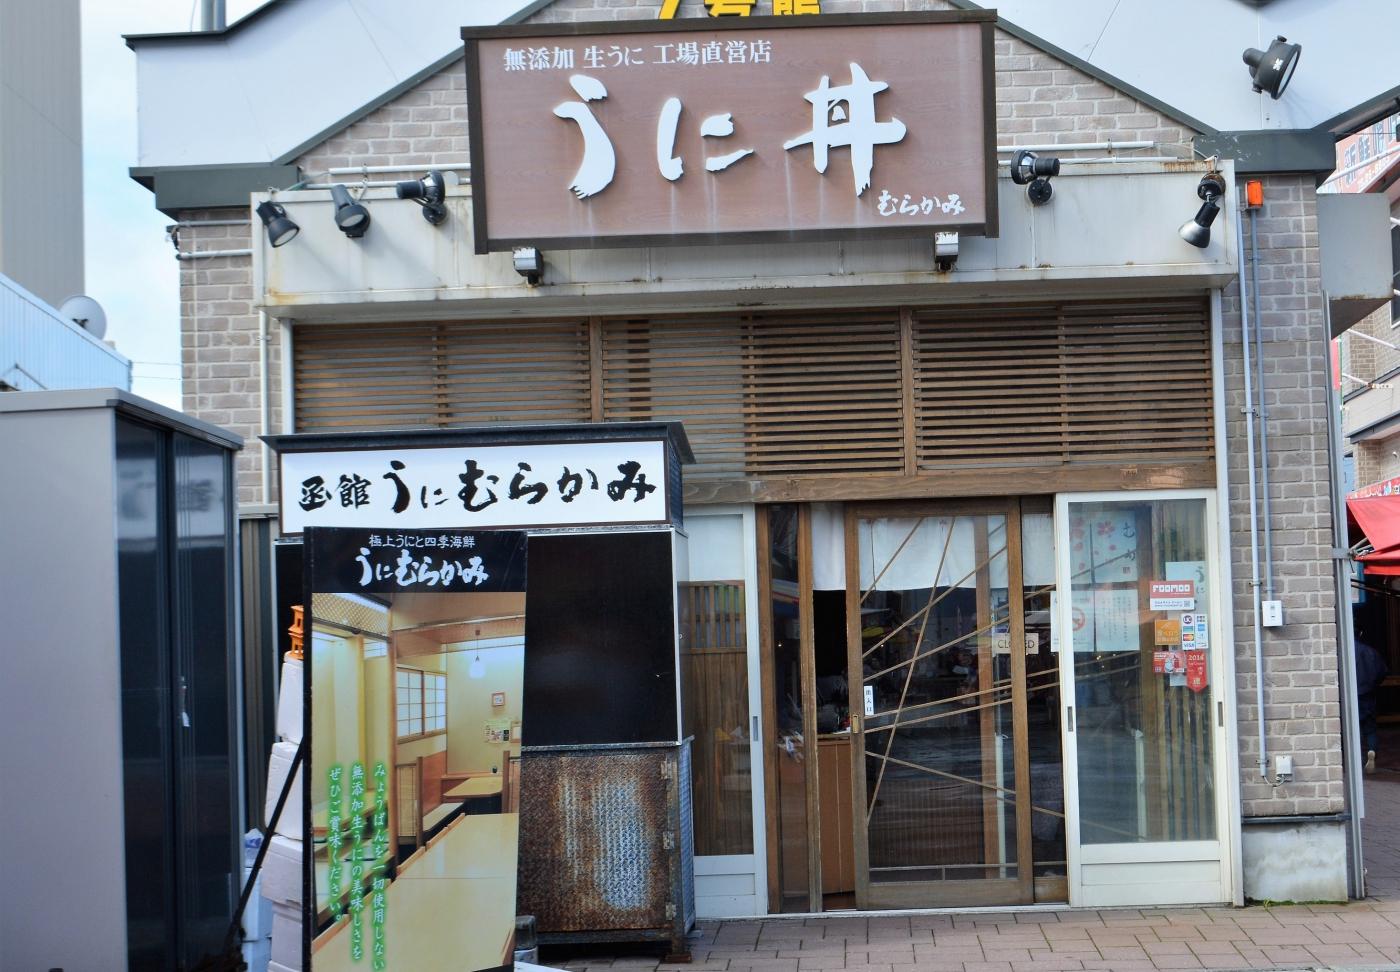 北海道自駕游 - 函館食篇_圖1-10